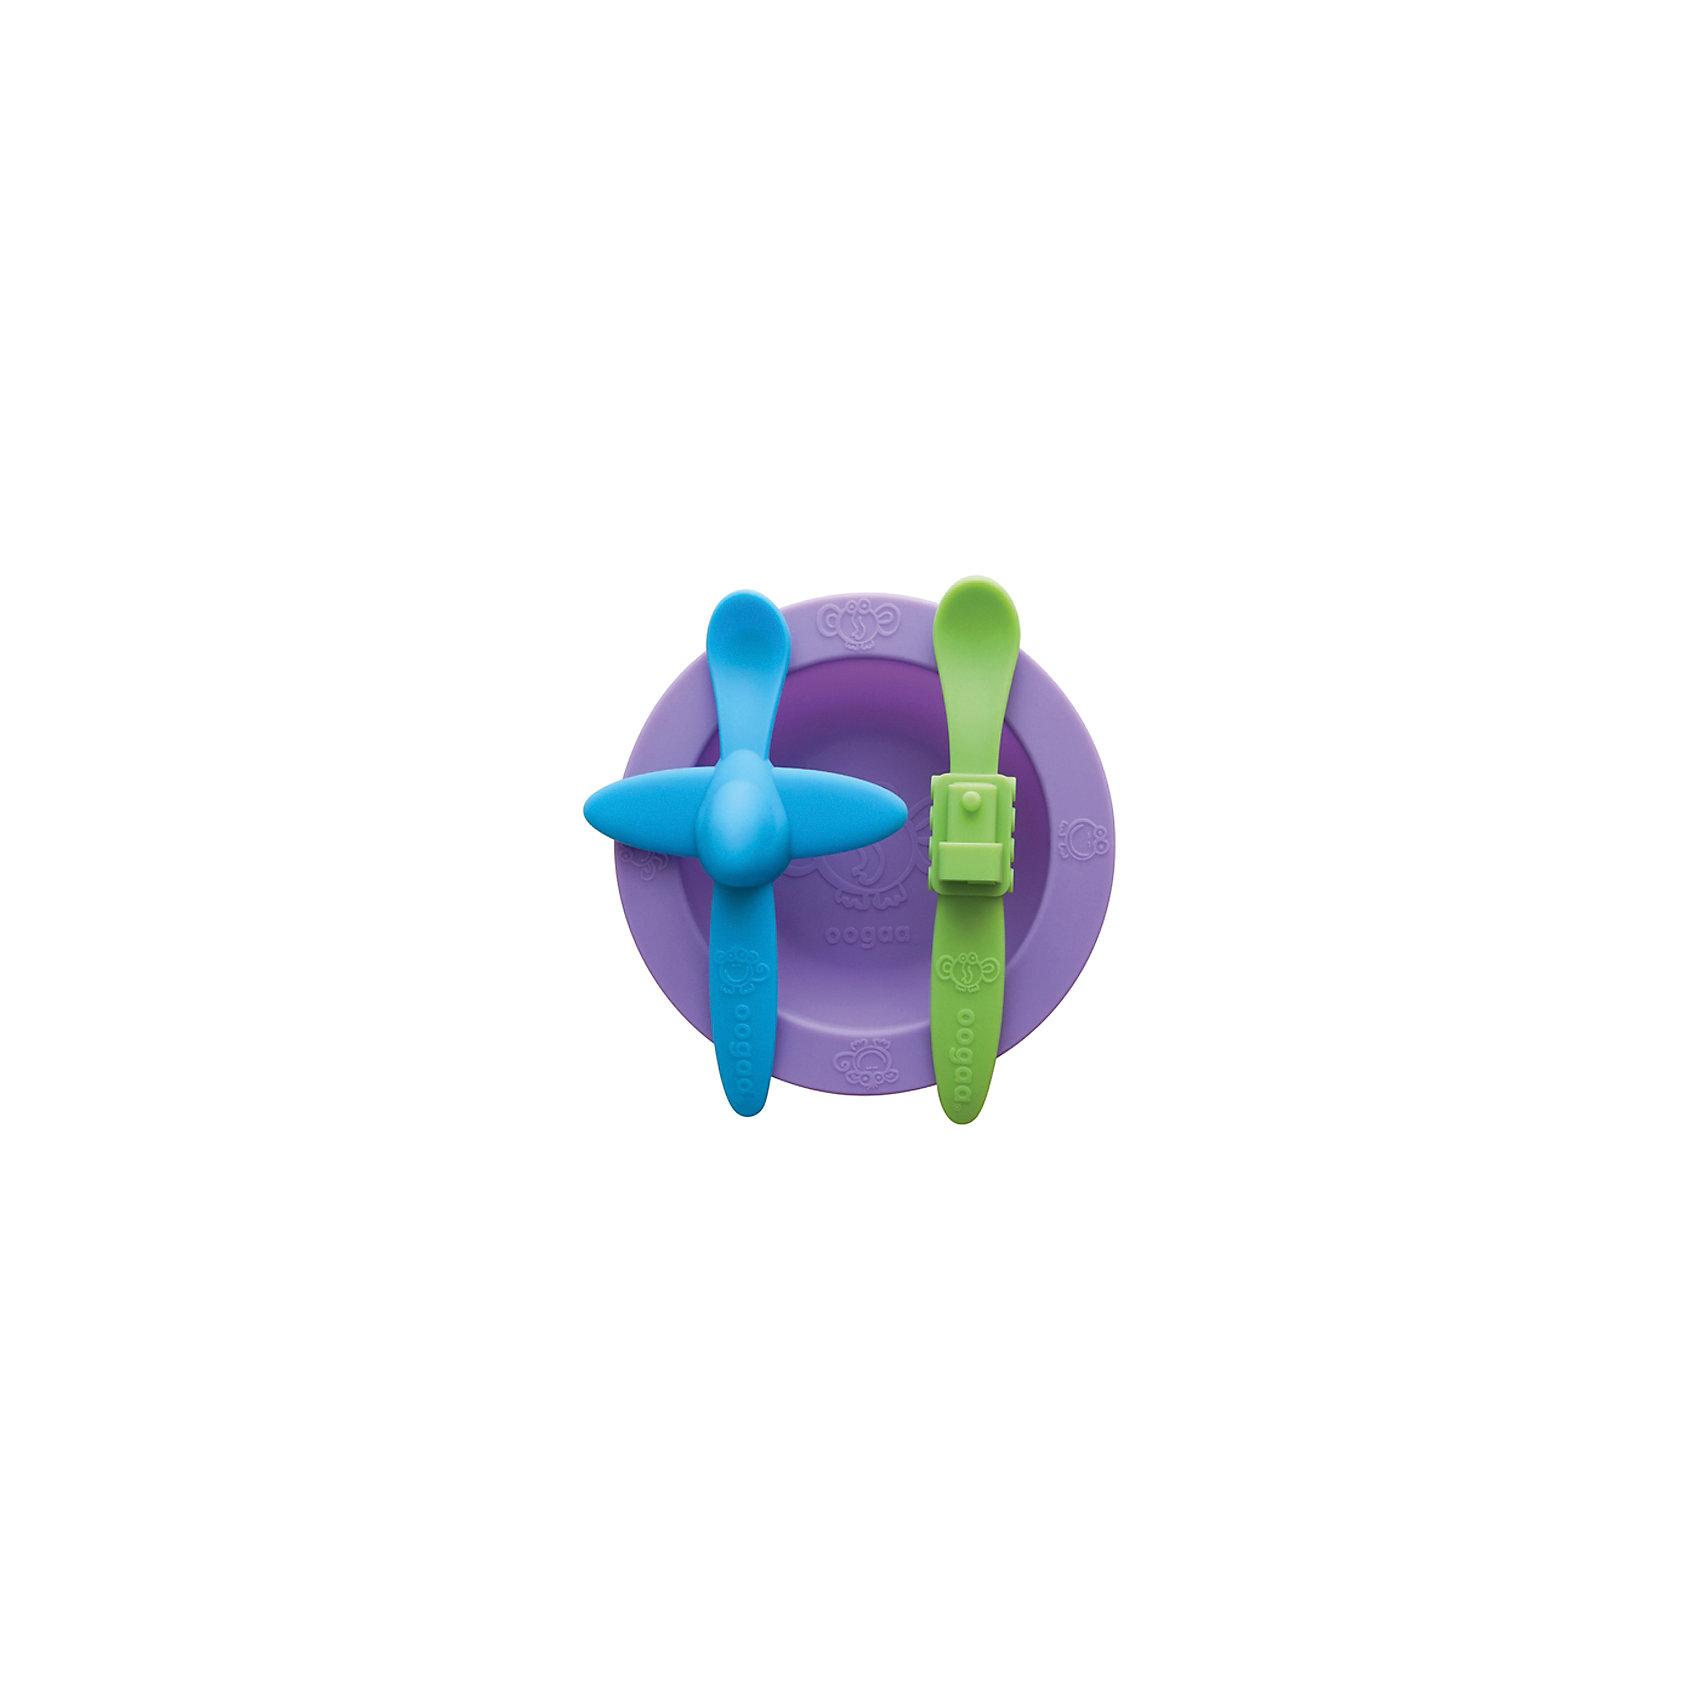 Набор посуды, Oogaa, фиолетоыйВ ярком Наборе посуды: тарелка, ложка Самолет, ложка Поезд из силикона есть фиолетовая тарелка, ложка голубого цвета с самолетиком посередине ручки, а также зеленая ложка с поездом на рукоятке. Комплект из двух ложек будет очень удобен в поездках и на прогулках, например, если Ваш малыш уронит одну ложечку, то в запасе всегда будет вторая. С набором удобной посуды ребенку будет весело кушать, и он с удовольствием будет ждать новой порции от поезда и самолетика!<br><br>Характеристики:<br>-Изготовлены из высококачественного нетоксичного силикона, который не имеет запаха и вкуса, не выделяют химических веществ, не способствуют распространению бактерий<br>-Подходят для ручной мойки, посудомоечных машин и стерилизаторов, микроволновой печи<br>-Не имеют острых углов, не травмируют десны малыша <br>-Выполнены в ярком цвете и необычном дизайне, что позволяет превратить обычные завтрак или обед в забавную игру<br><br>Комплектация: фиолетовая тарелка, голубая ложка в форме самолета, зеленая ложка в форме поезда<br><br>Дополнительная информация:<br>-Цвет: фиолетовый, голубой, зеленый<br>-Размеры ложек: 18 см<br>-Размеры тарелки: 265 мл <br>-Вес в упаковке: 354 г<br>-Материалы: силикон<br><br>Набор силиконовой посуды в ярком и необычном дизайне поможет Вам занять ребенка, превратив кормление малыша в веселое приключение! <br><br>Набор посуды: тарелка, ложка Самолет, ложка Поезд можно купить в нашем магазине.<br><br>Ширина мм: 275<br>Глубина мм: 205<br>Высота мм: 31<br>Вес г: 354<br>Возраст от месяцев: 3<br>Возраст до месяцев: 36<br>Пол: Унисекс<br>Возраст: Детский<br>SKU: 4053701